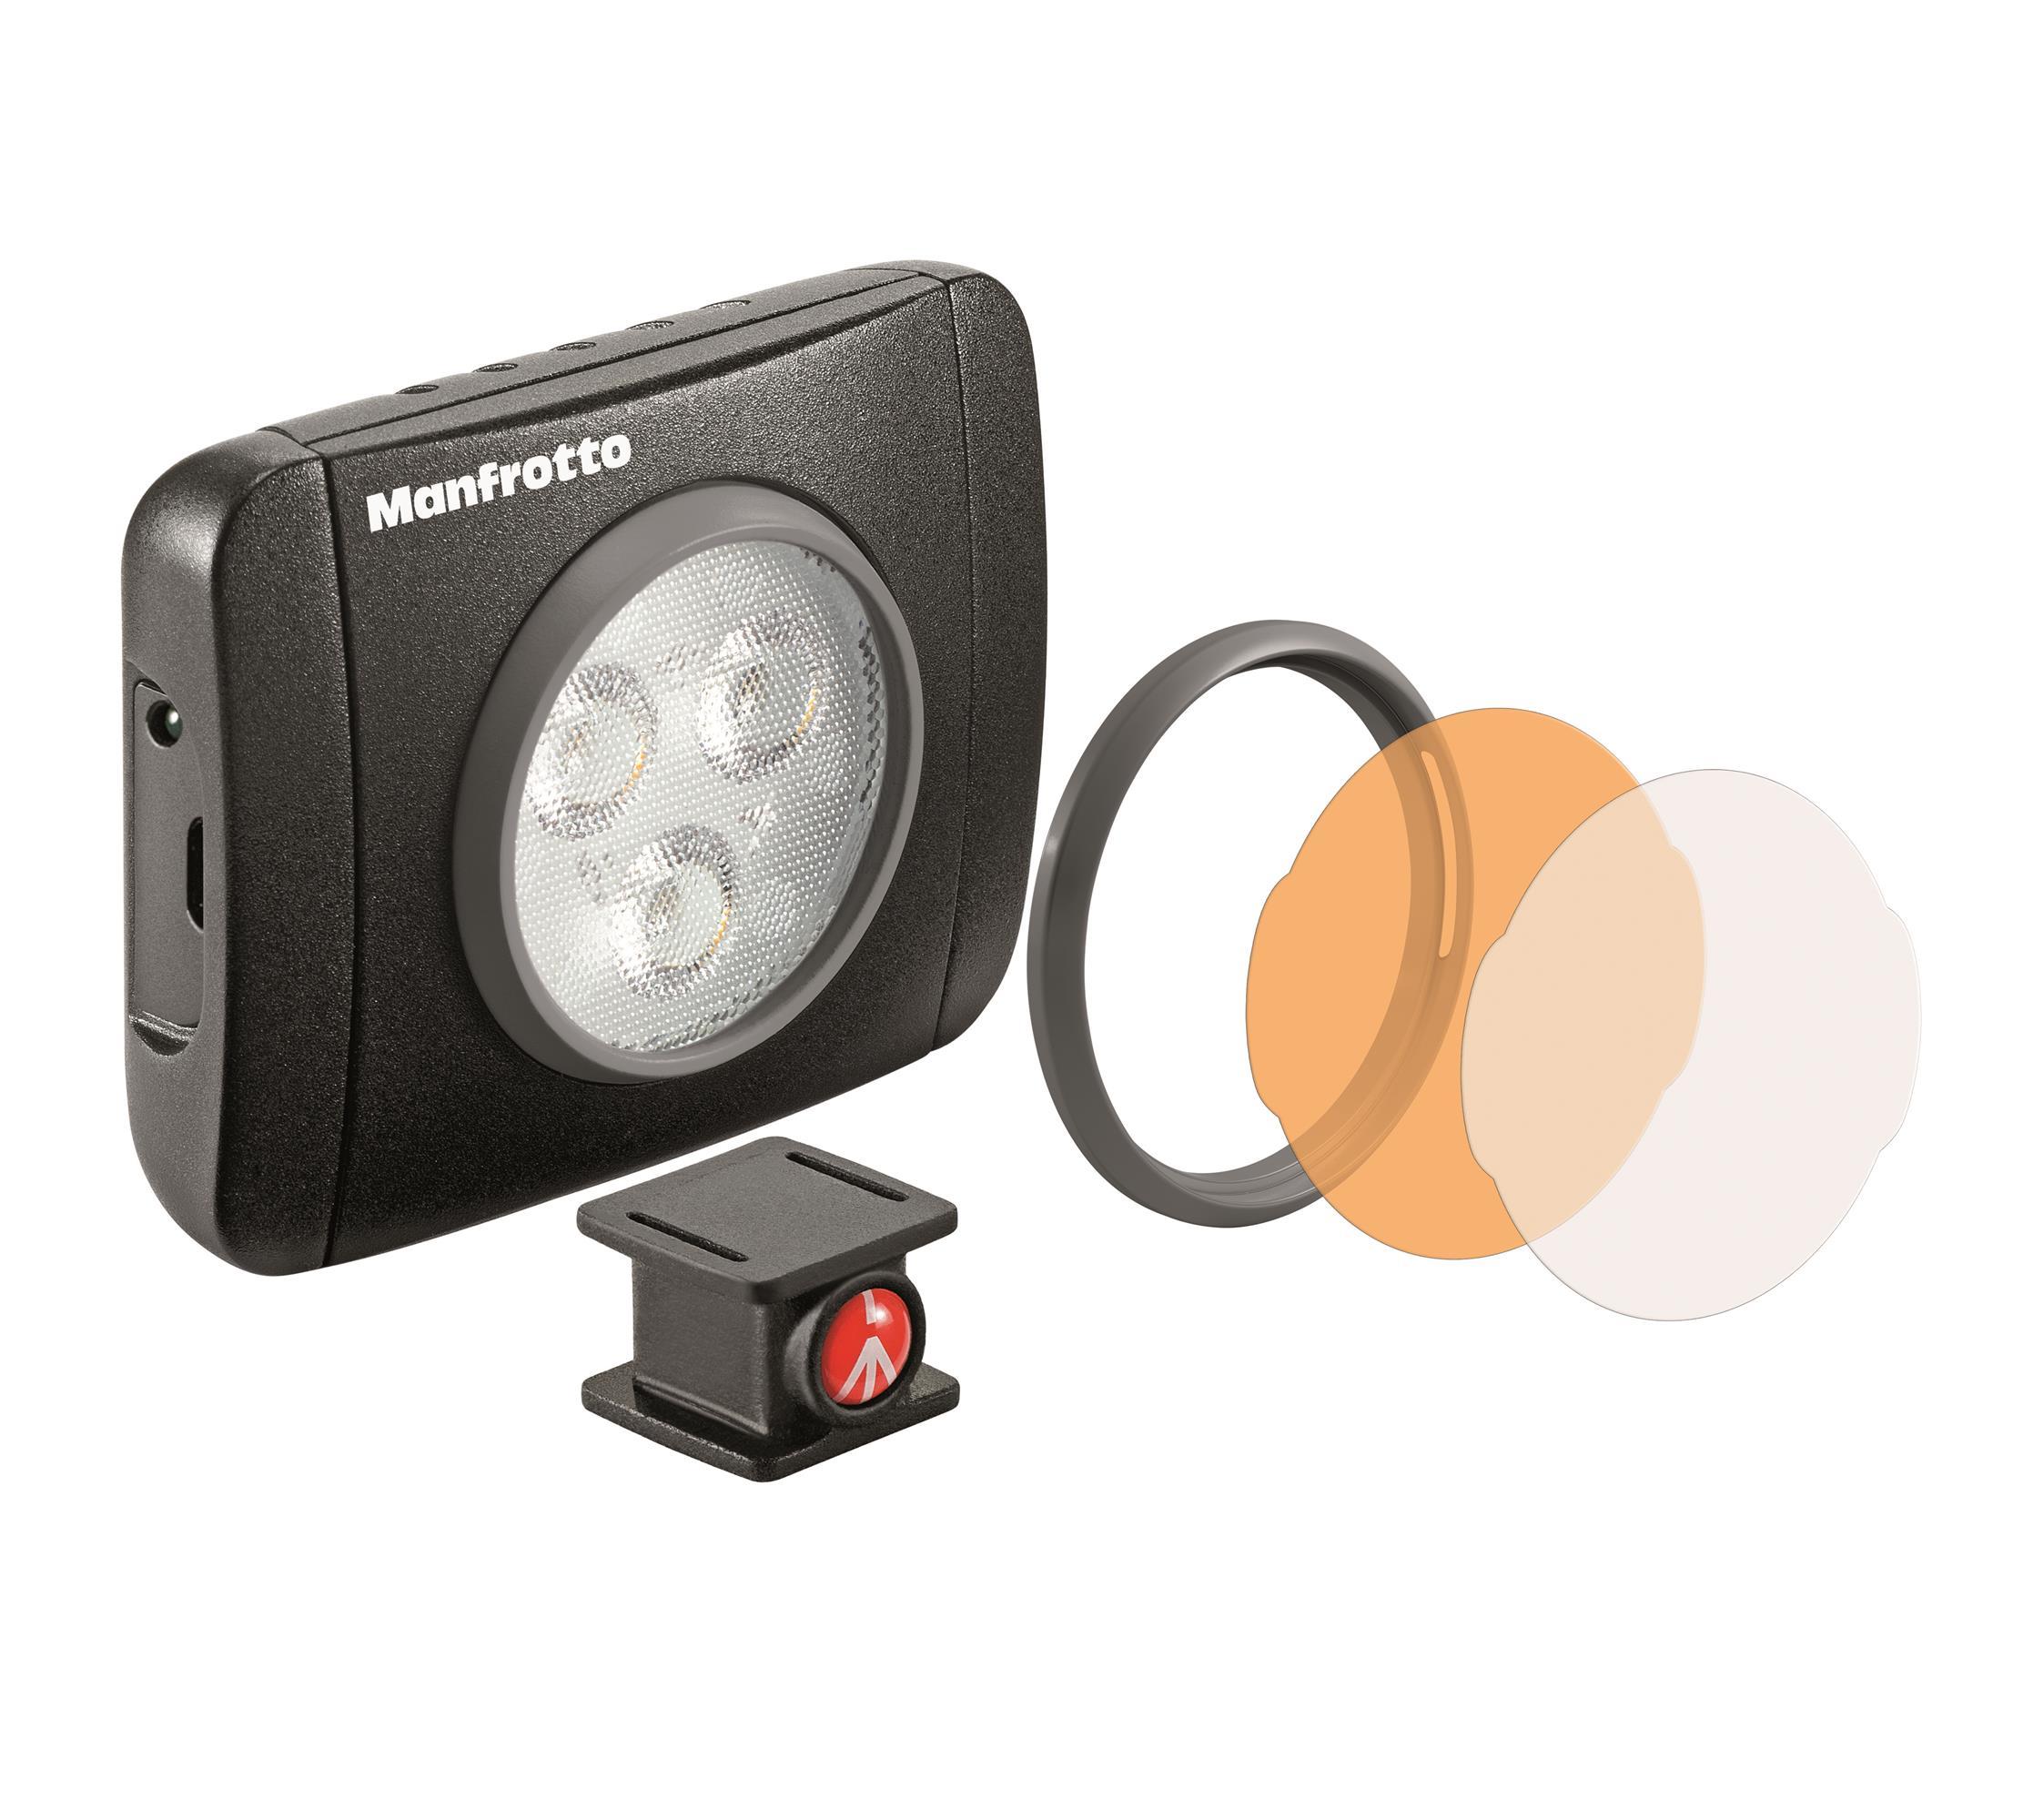 Manfrotto LED-Licht Lumimuse 3 mit Schnapp-Filterfassung, schwarz